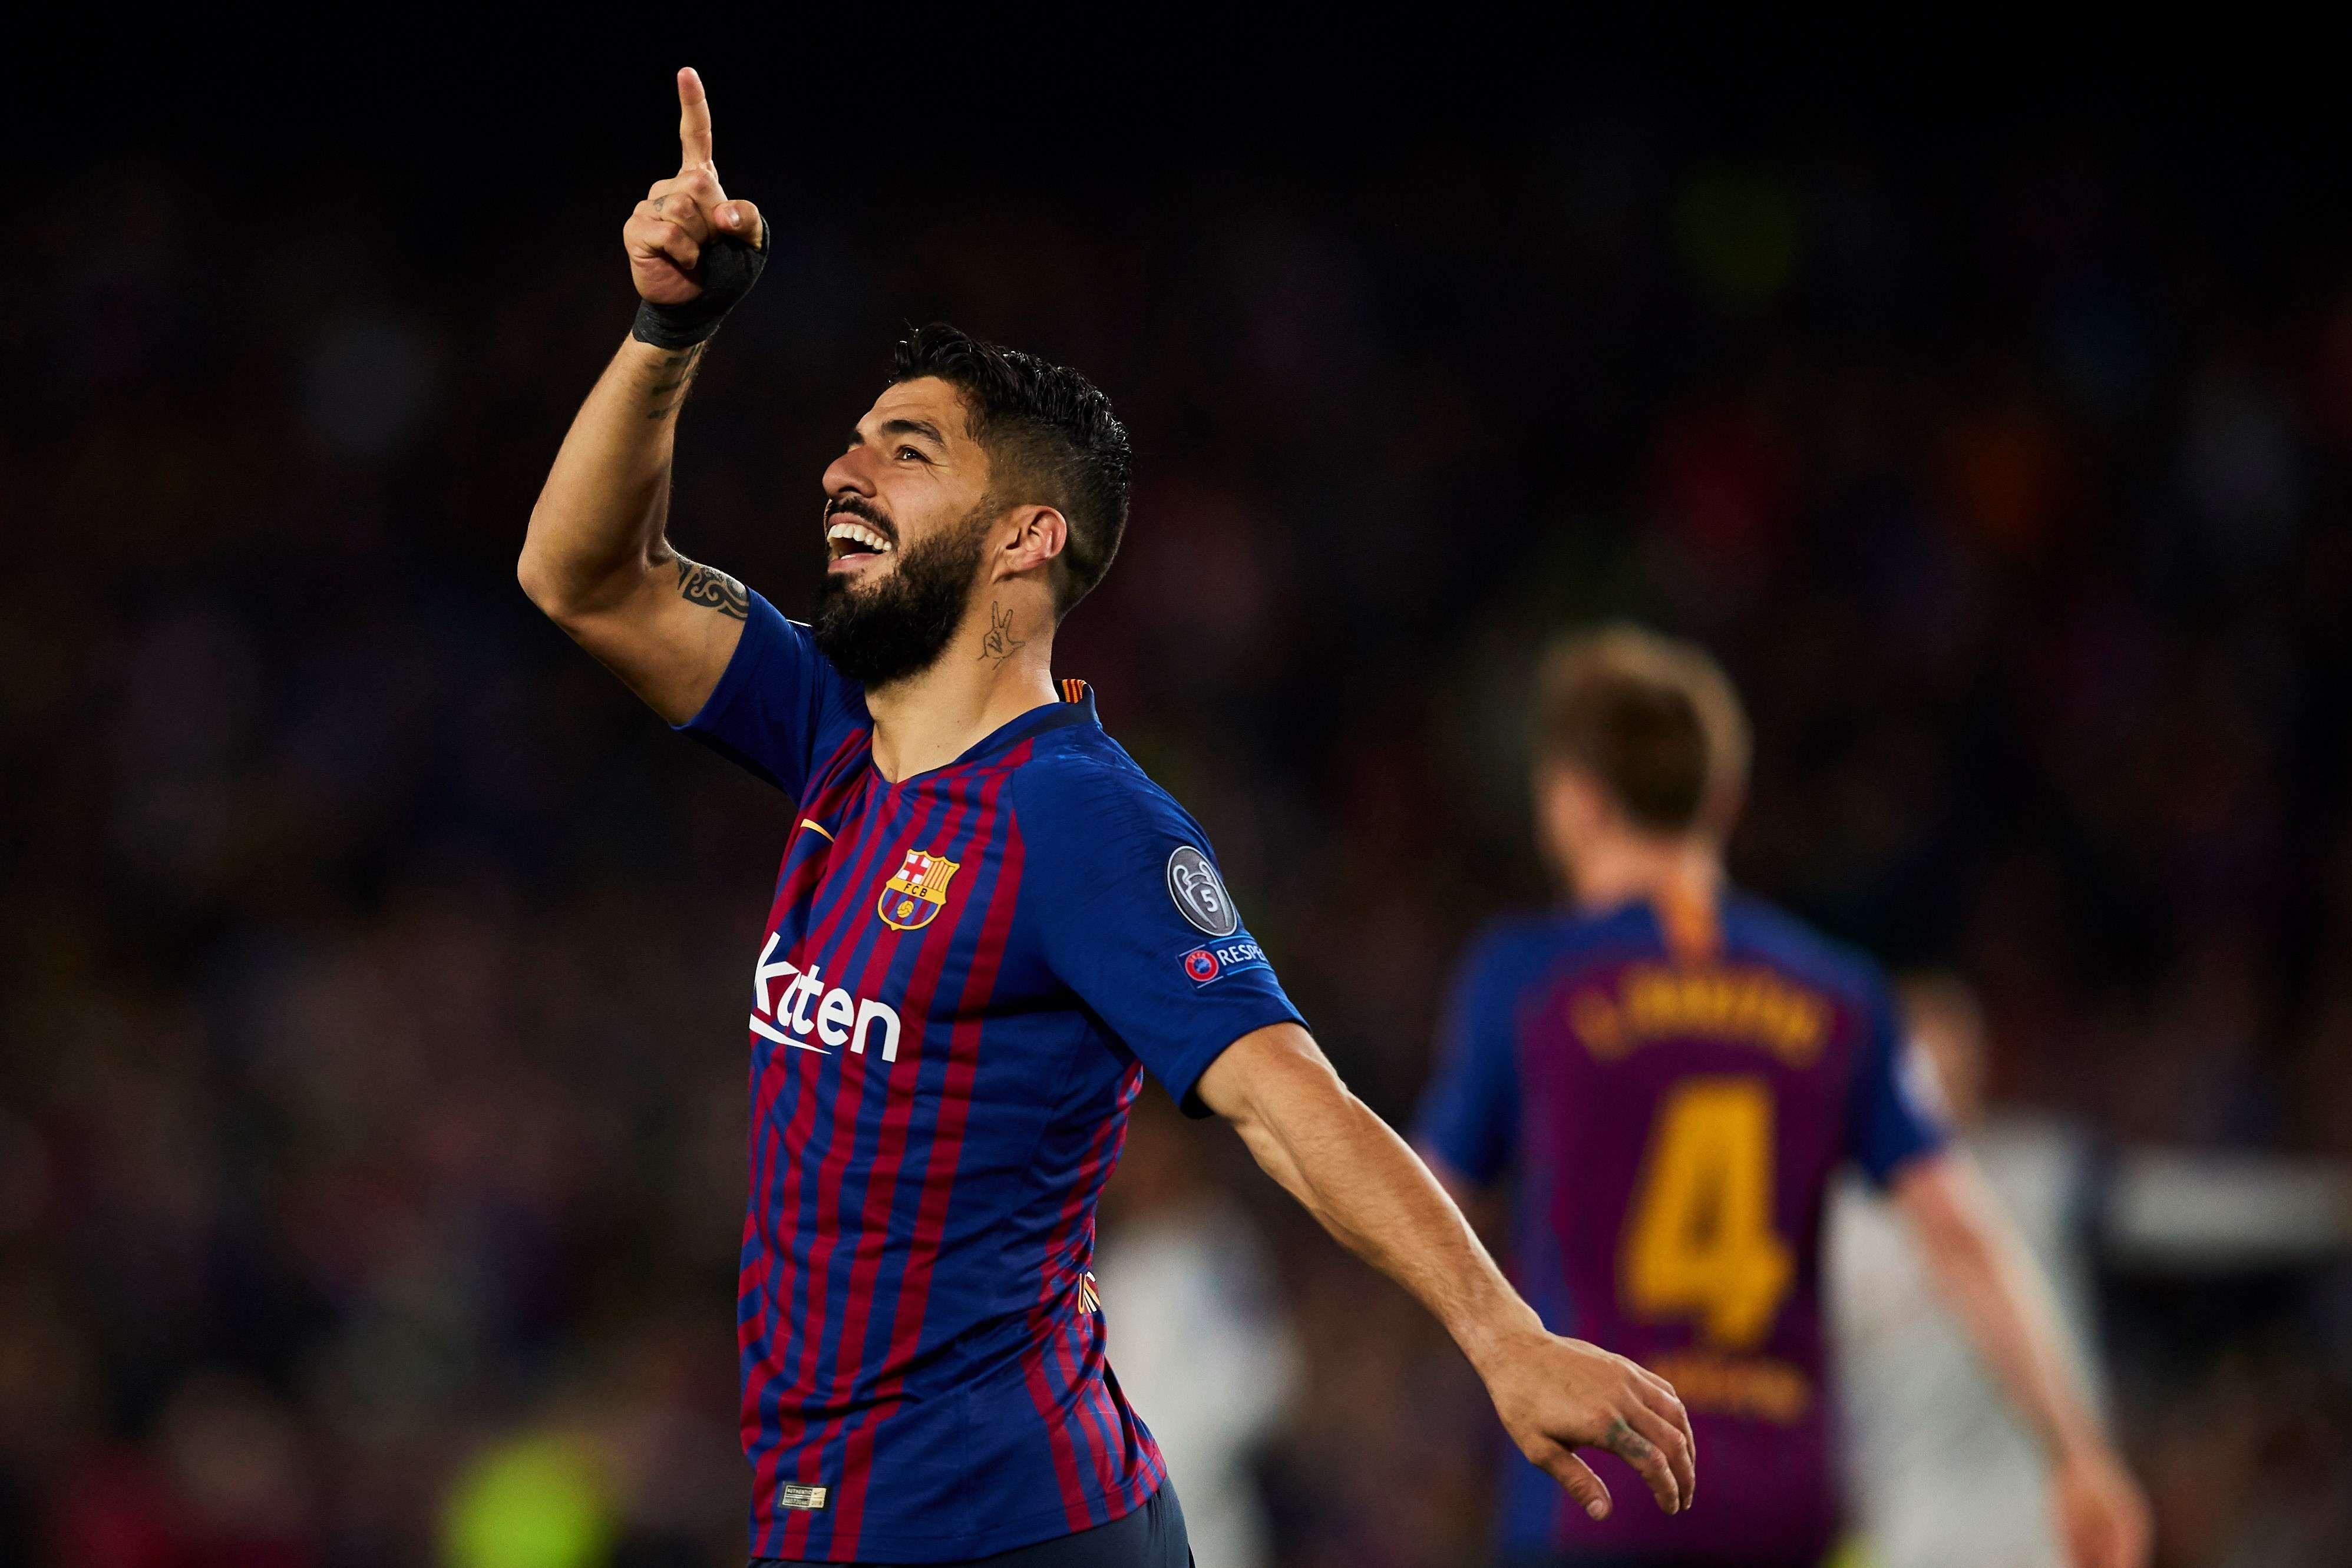 El delantero uruguayo del Barcelona Luis Suárez en el Camp Nou. EFE/Archivo